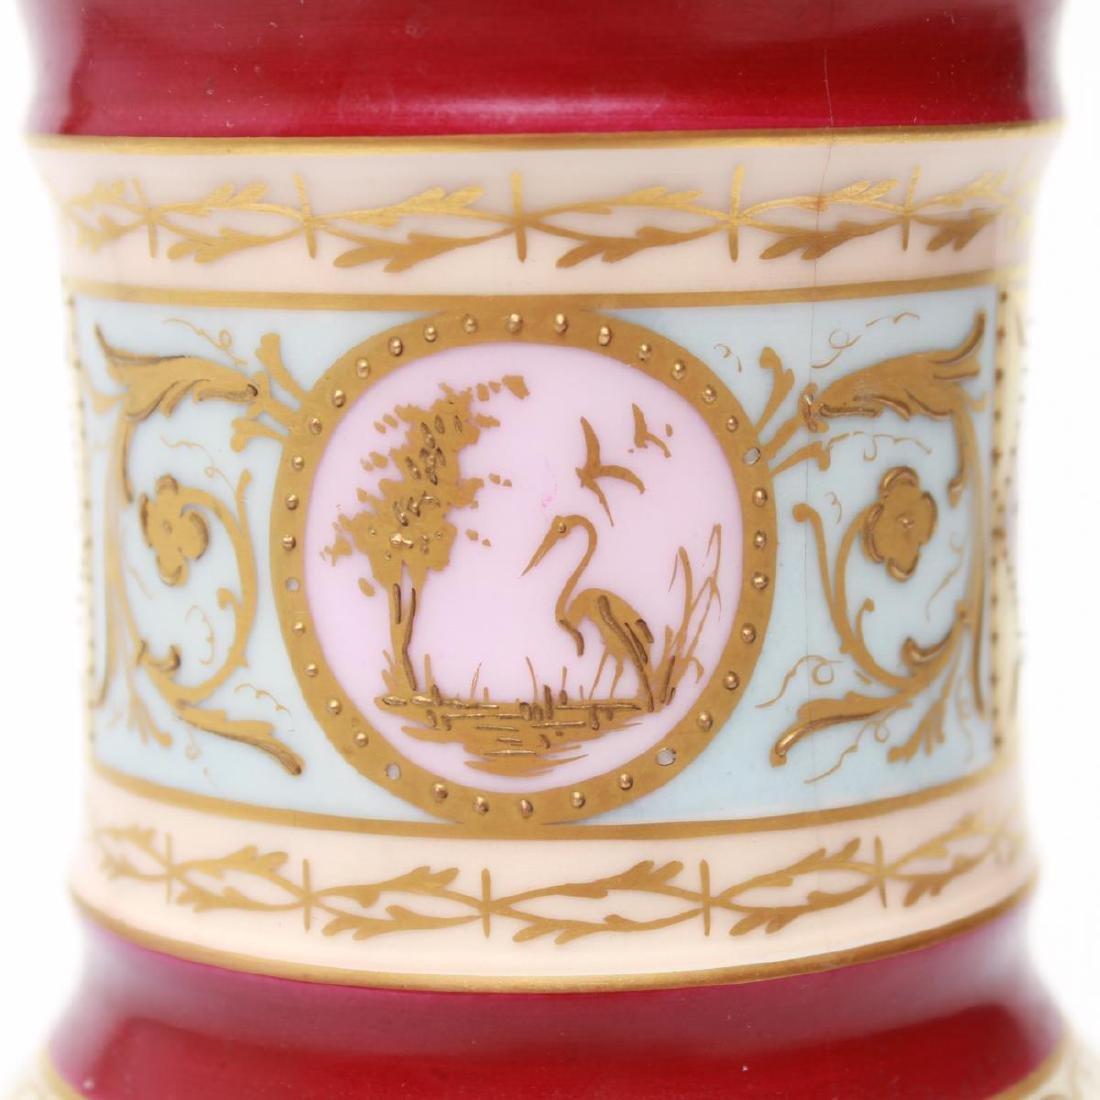 Royal Vienna-Manner Porcelain Goblet, 19th C. - 3